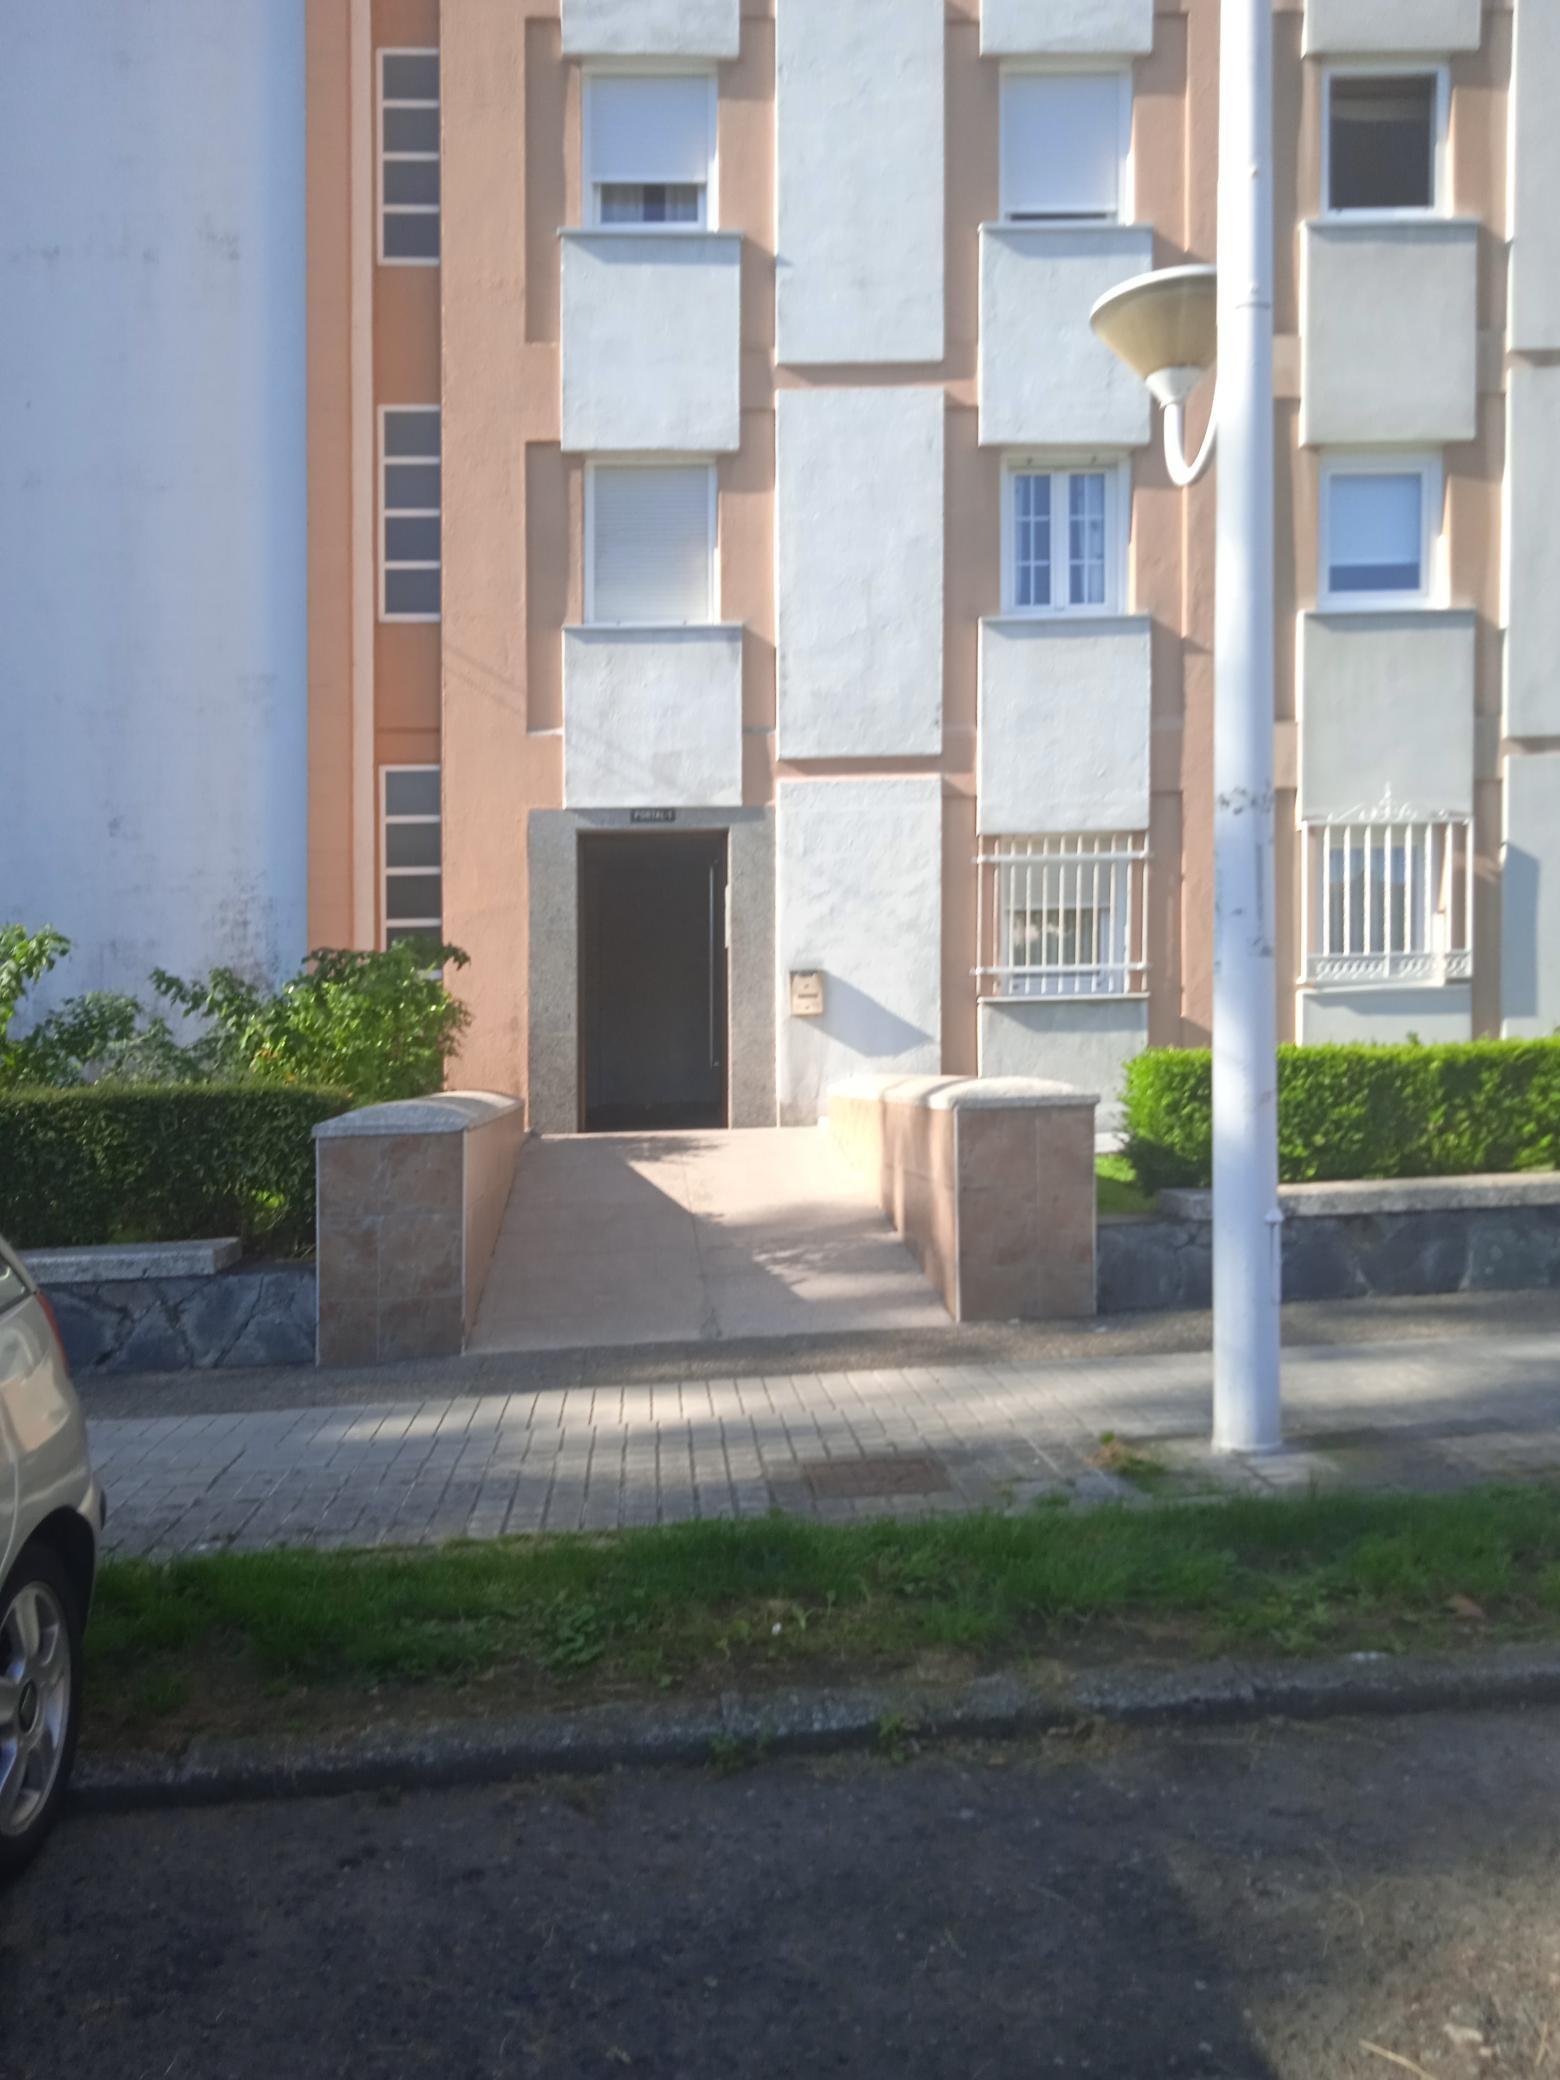 Piso en venta en Parque Ofimático, A Coruña, A Coruña, Calle Polígono Elviña, 133.000 €, 3 habitaciones, 2 baños, 102 m2